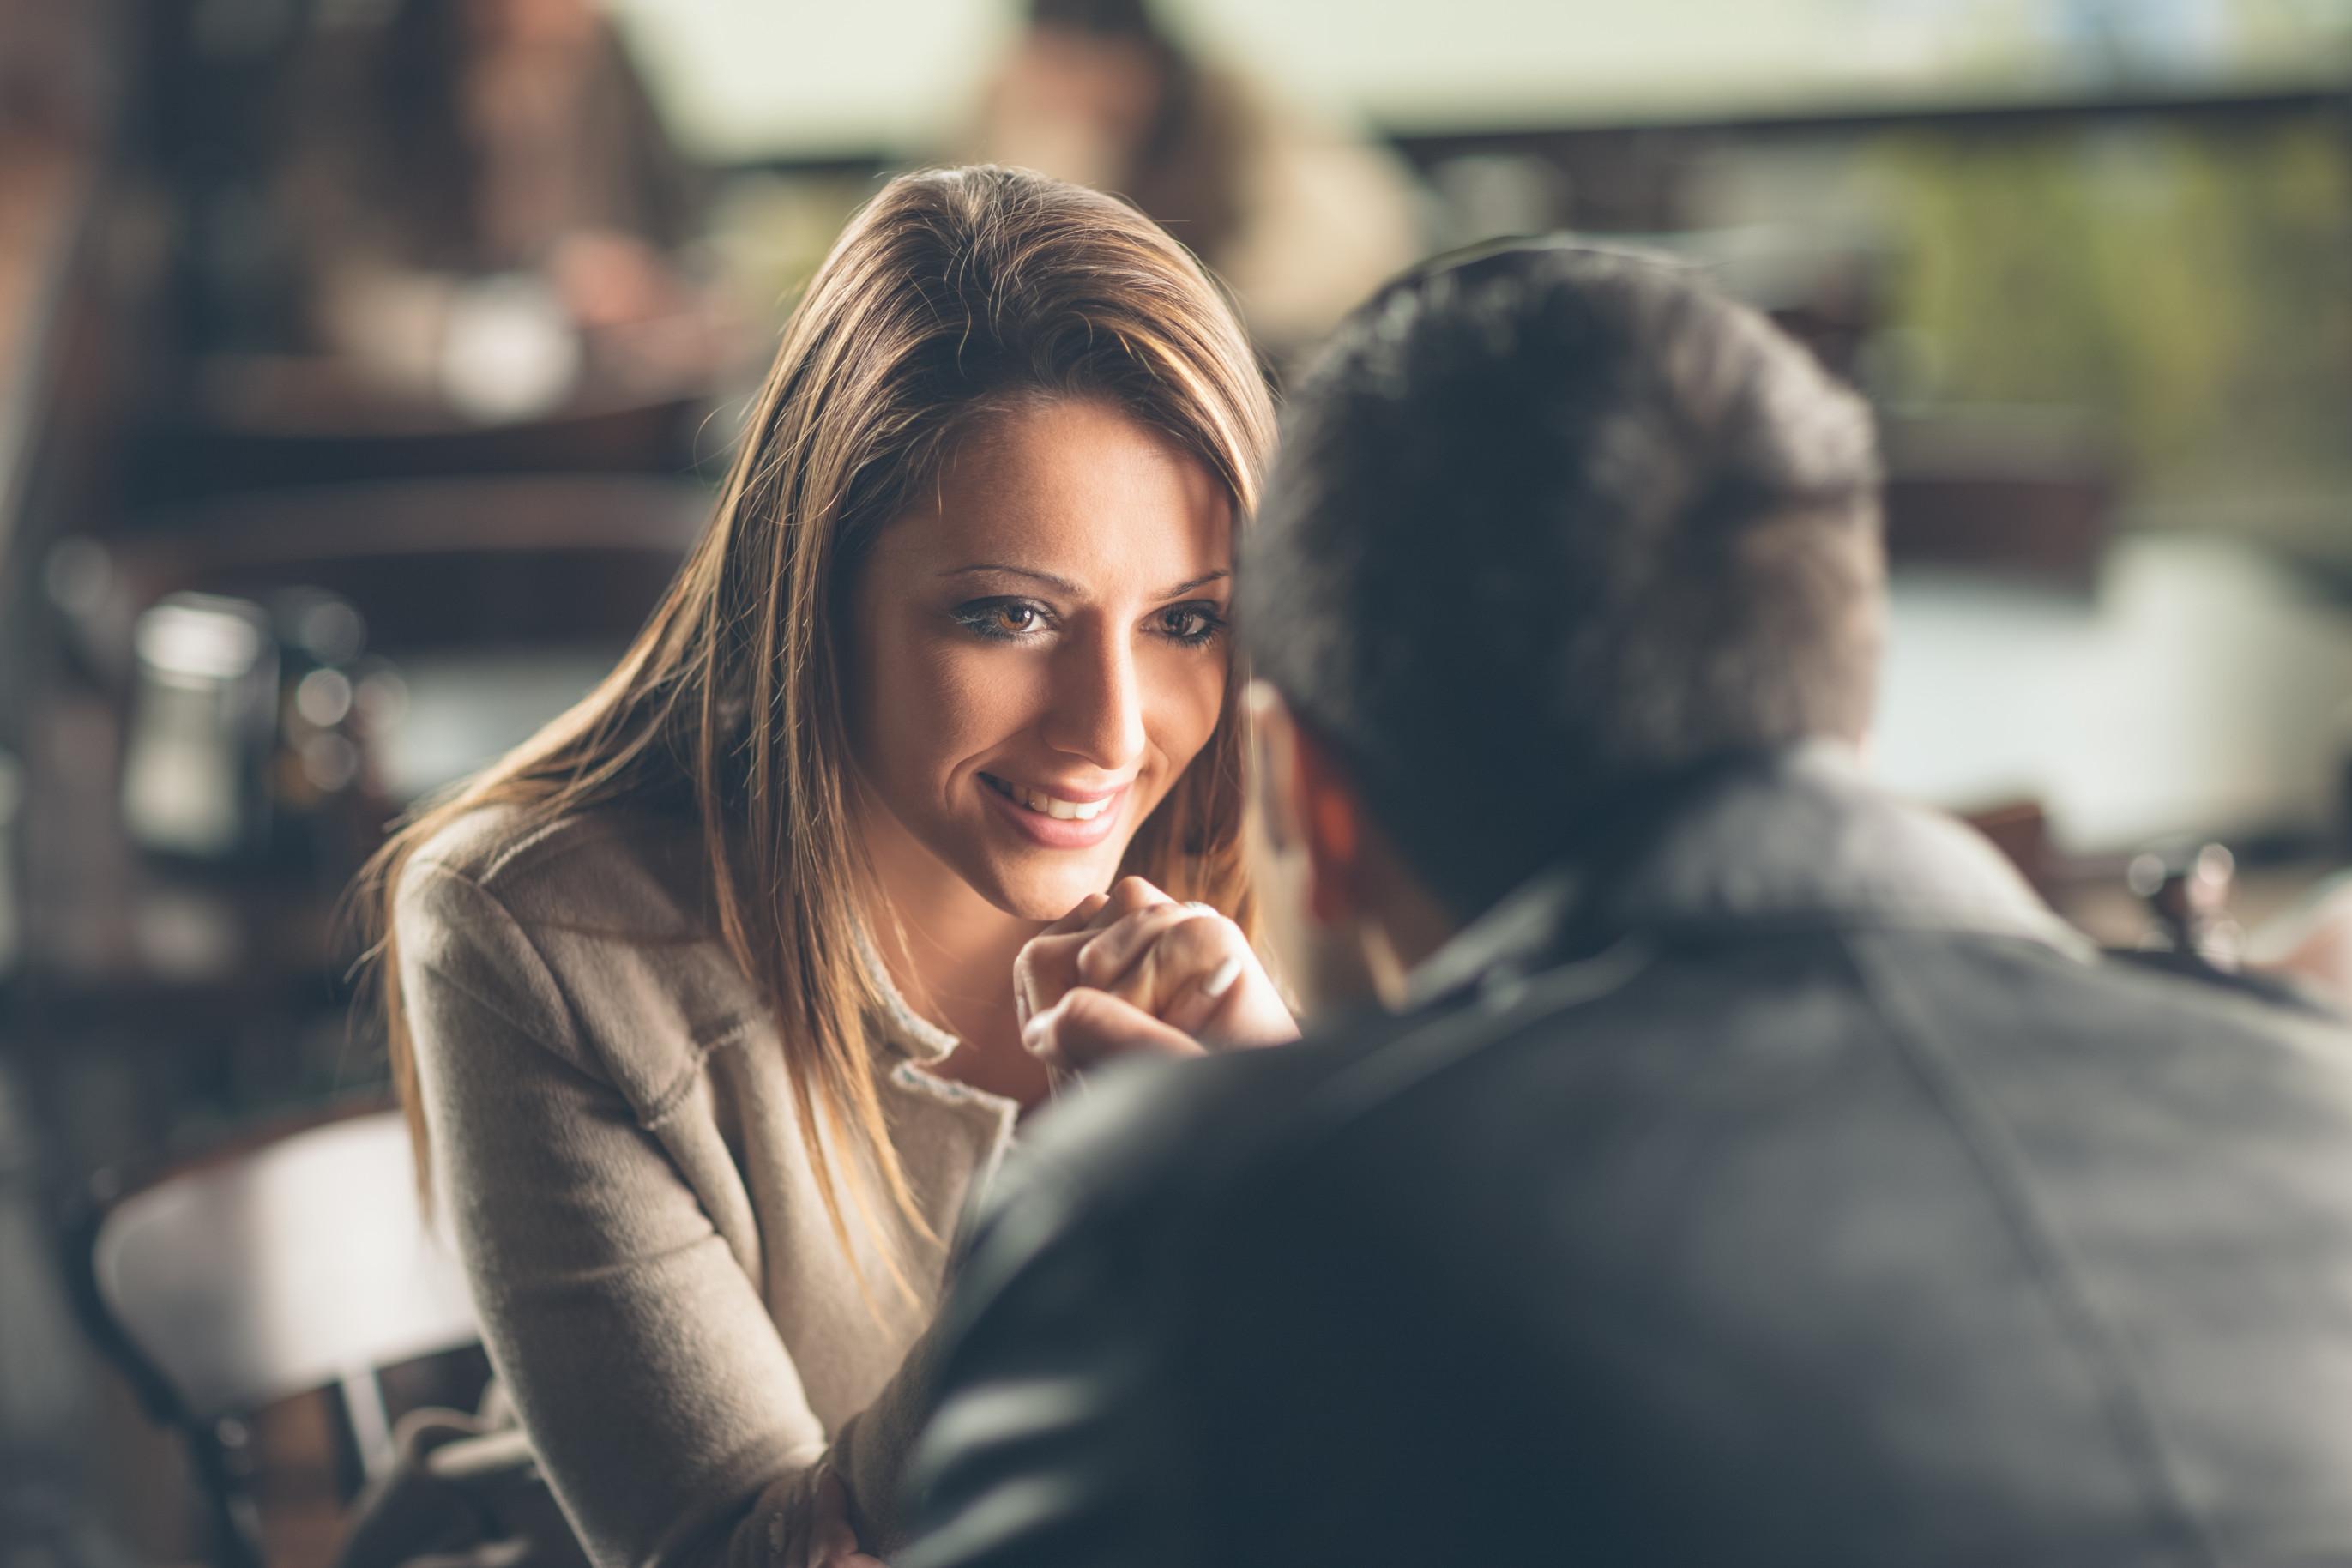 Важно помнить про зрительный контакт